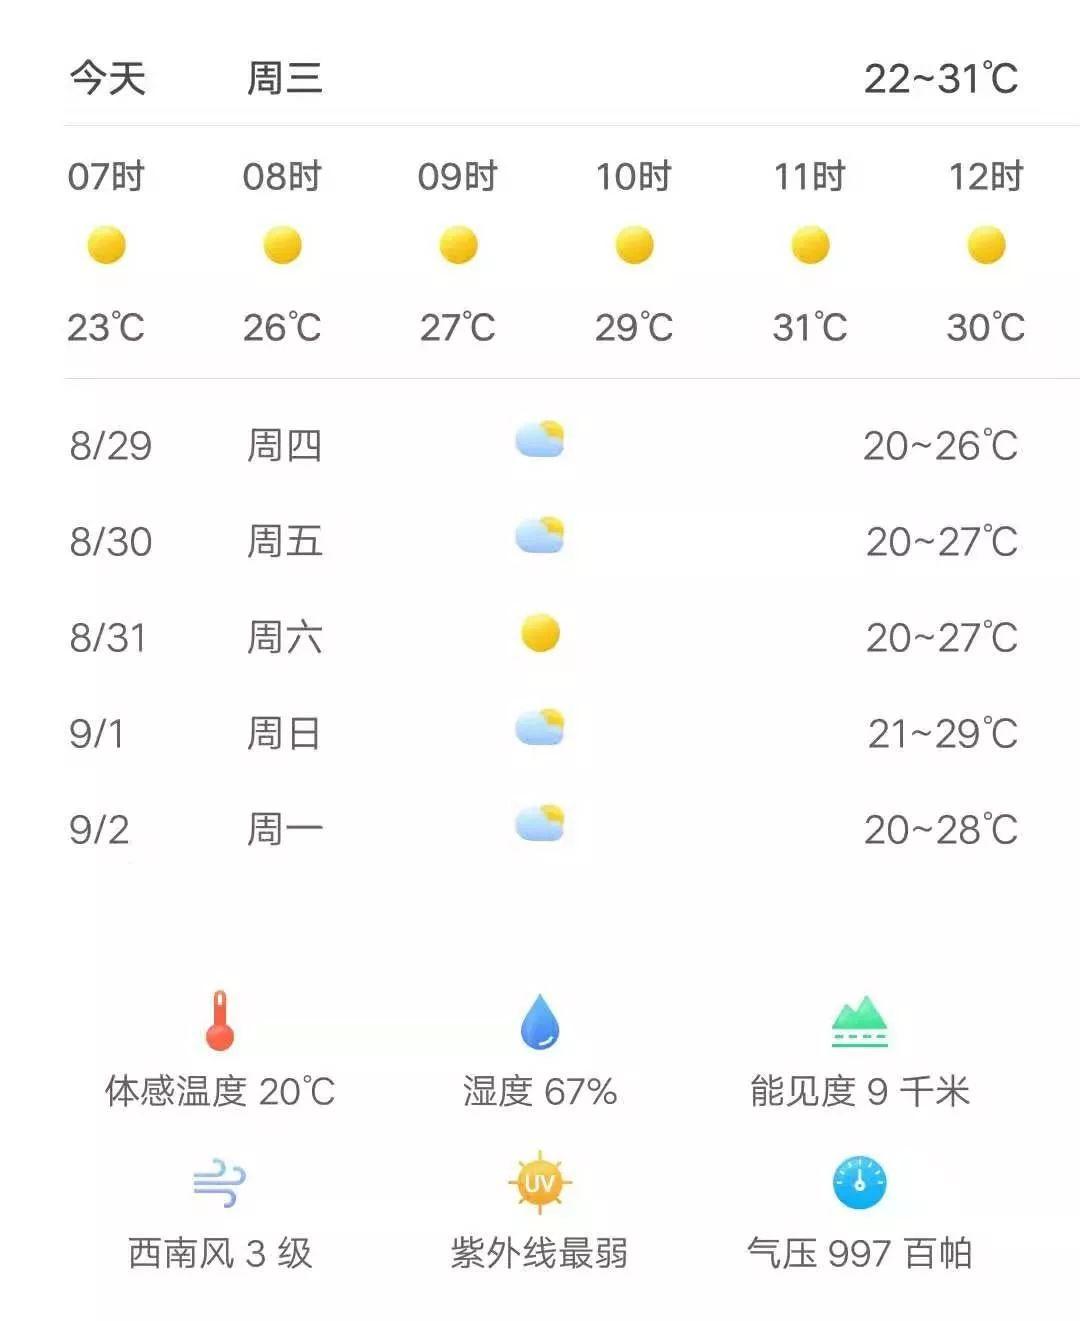 2019年8月28日烟台综合广播《新闻早报》